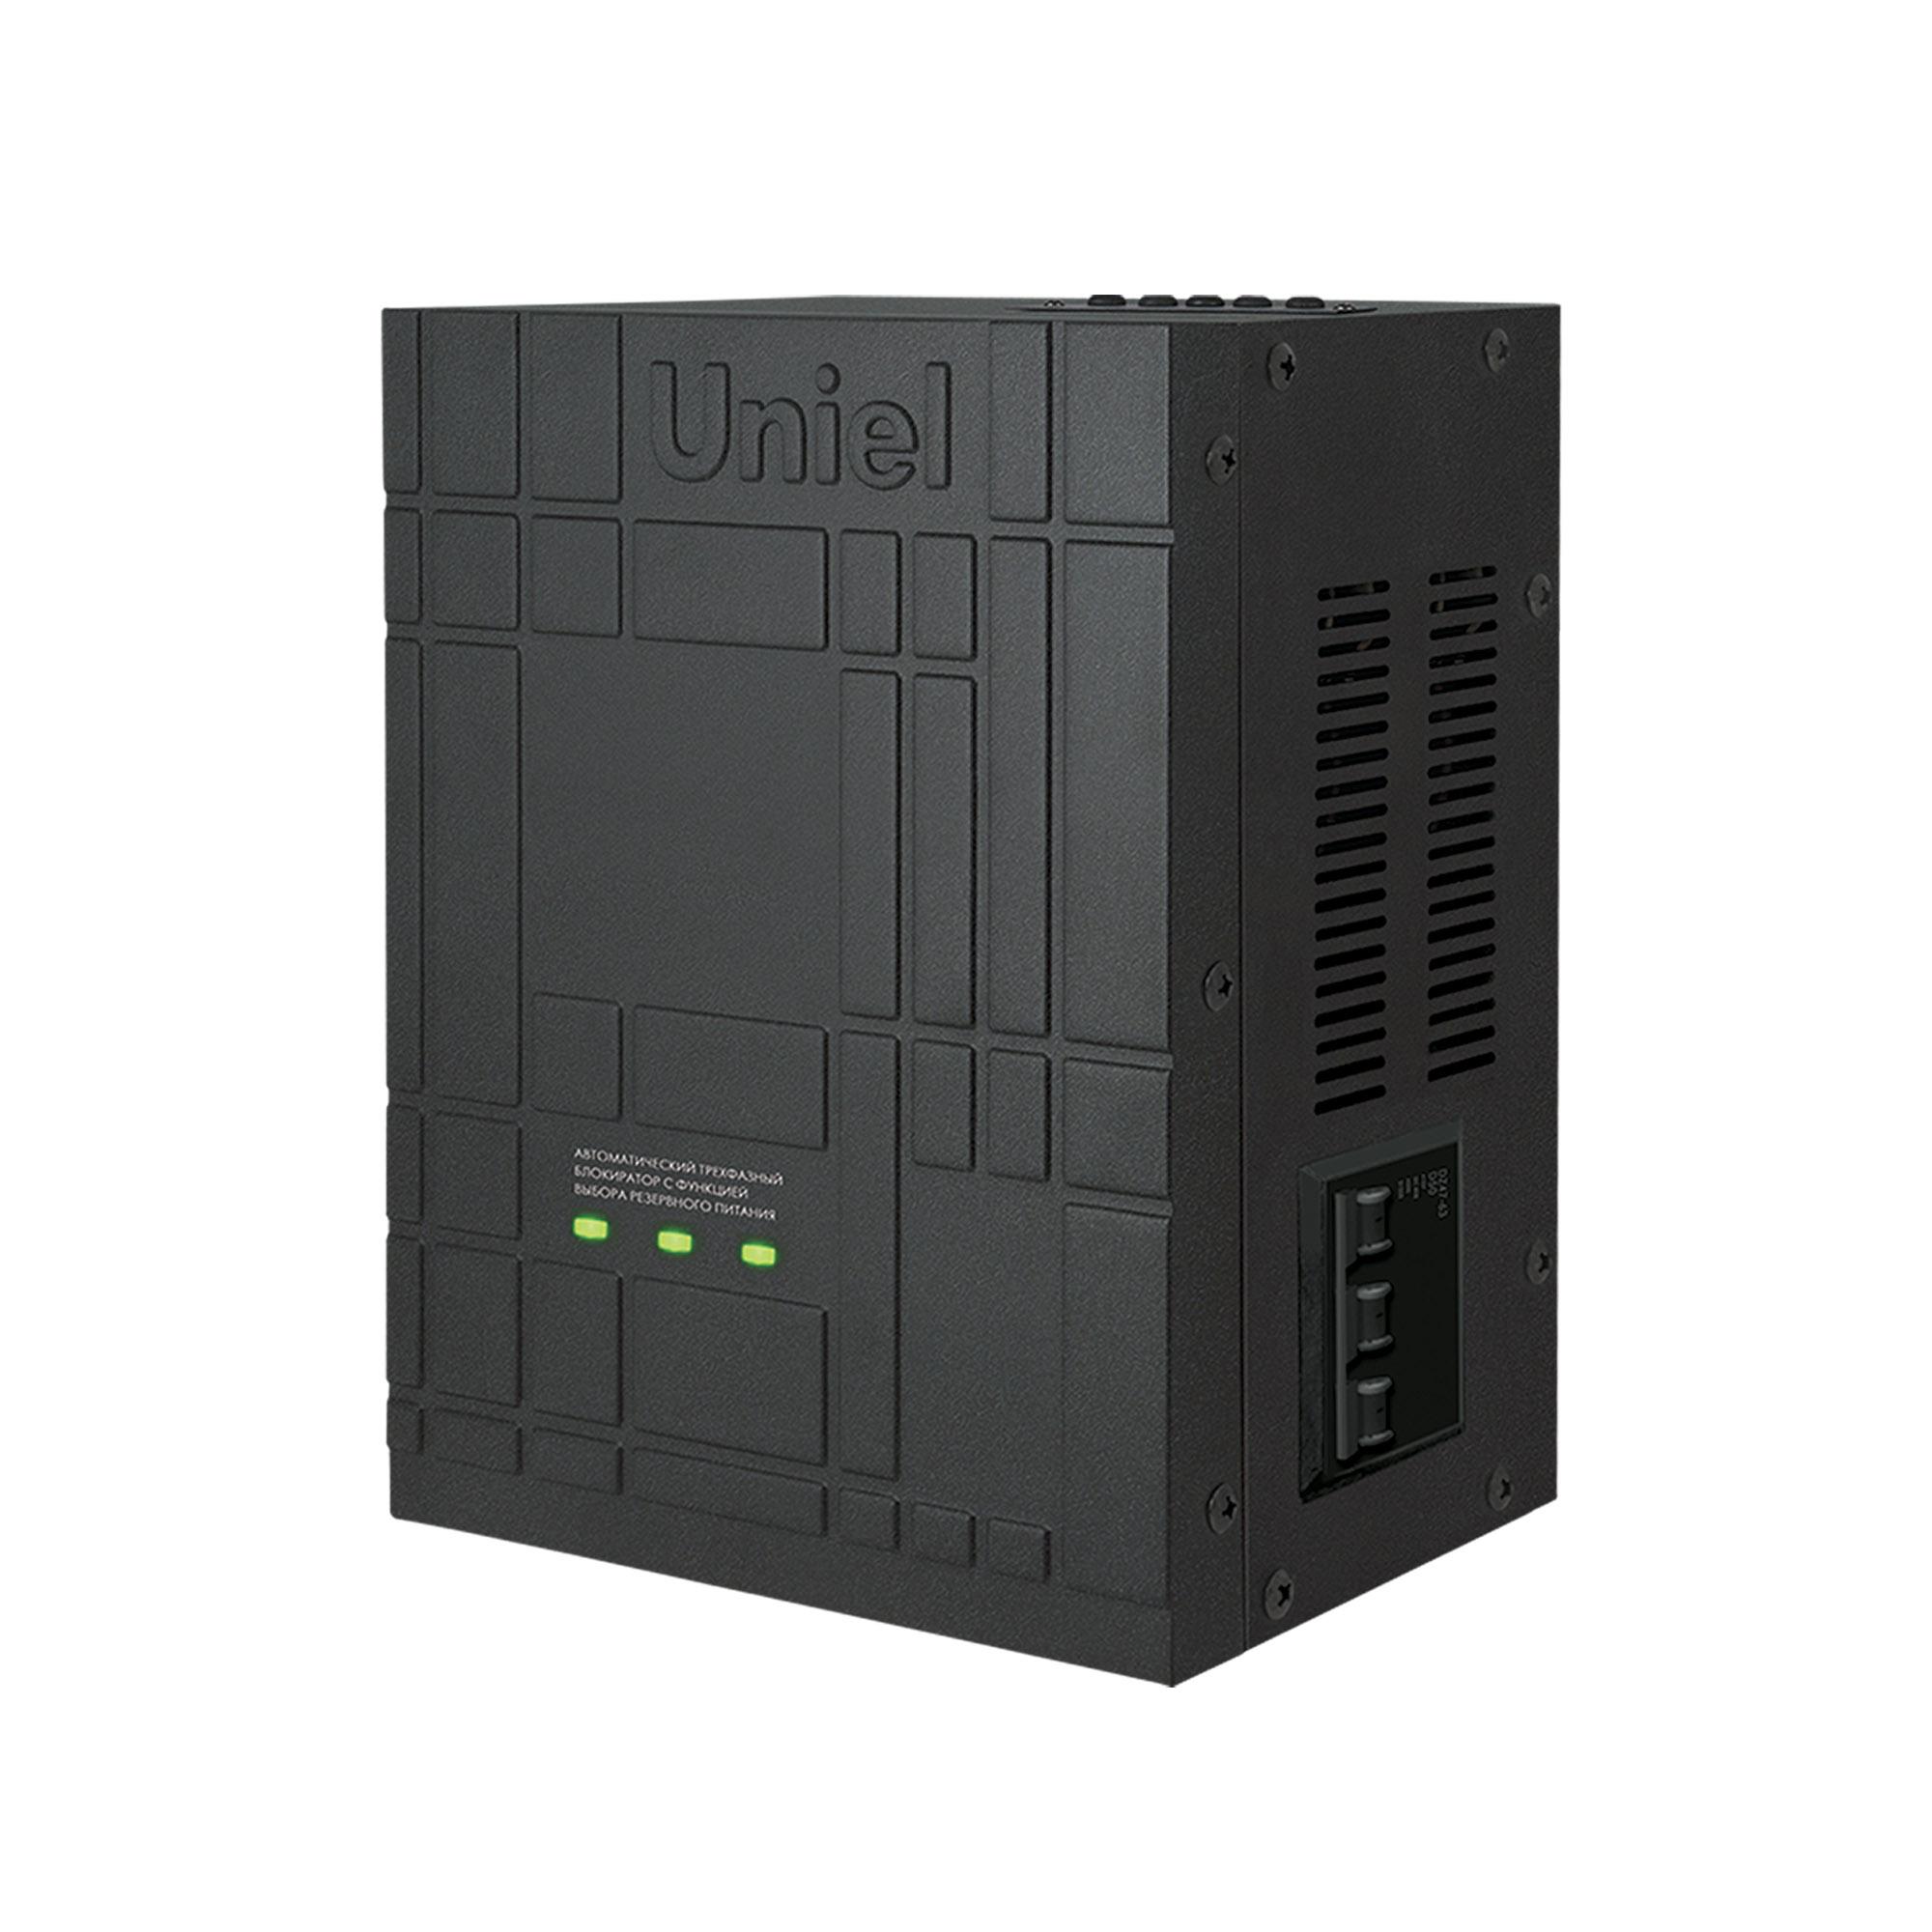 Автоматический трехфазный блокиратор Uniel